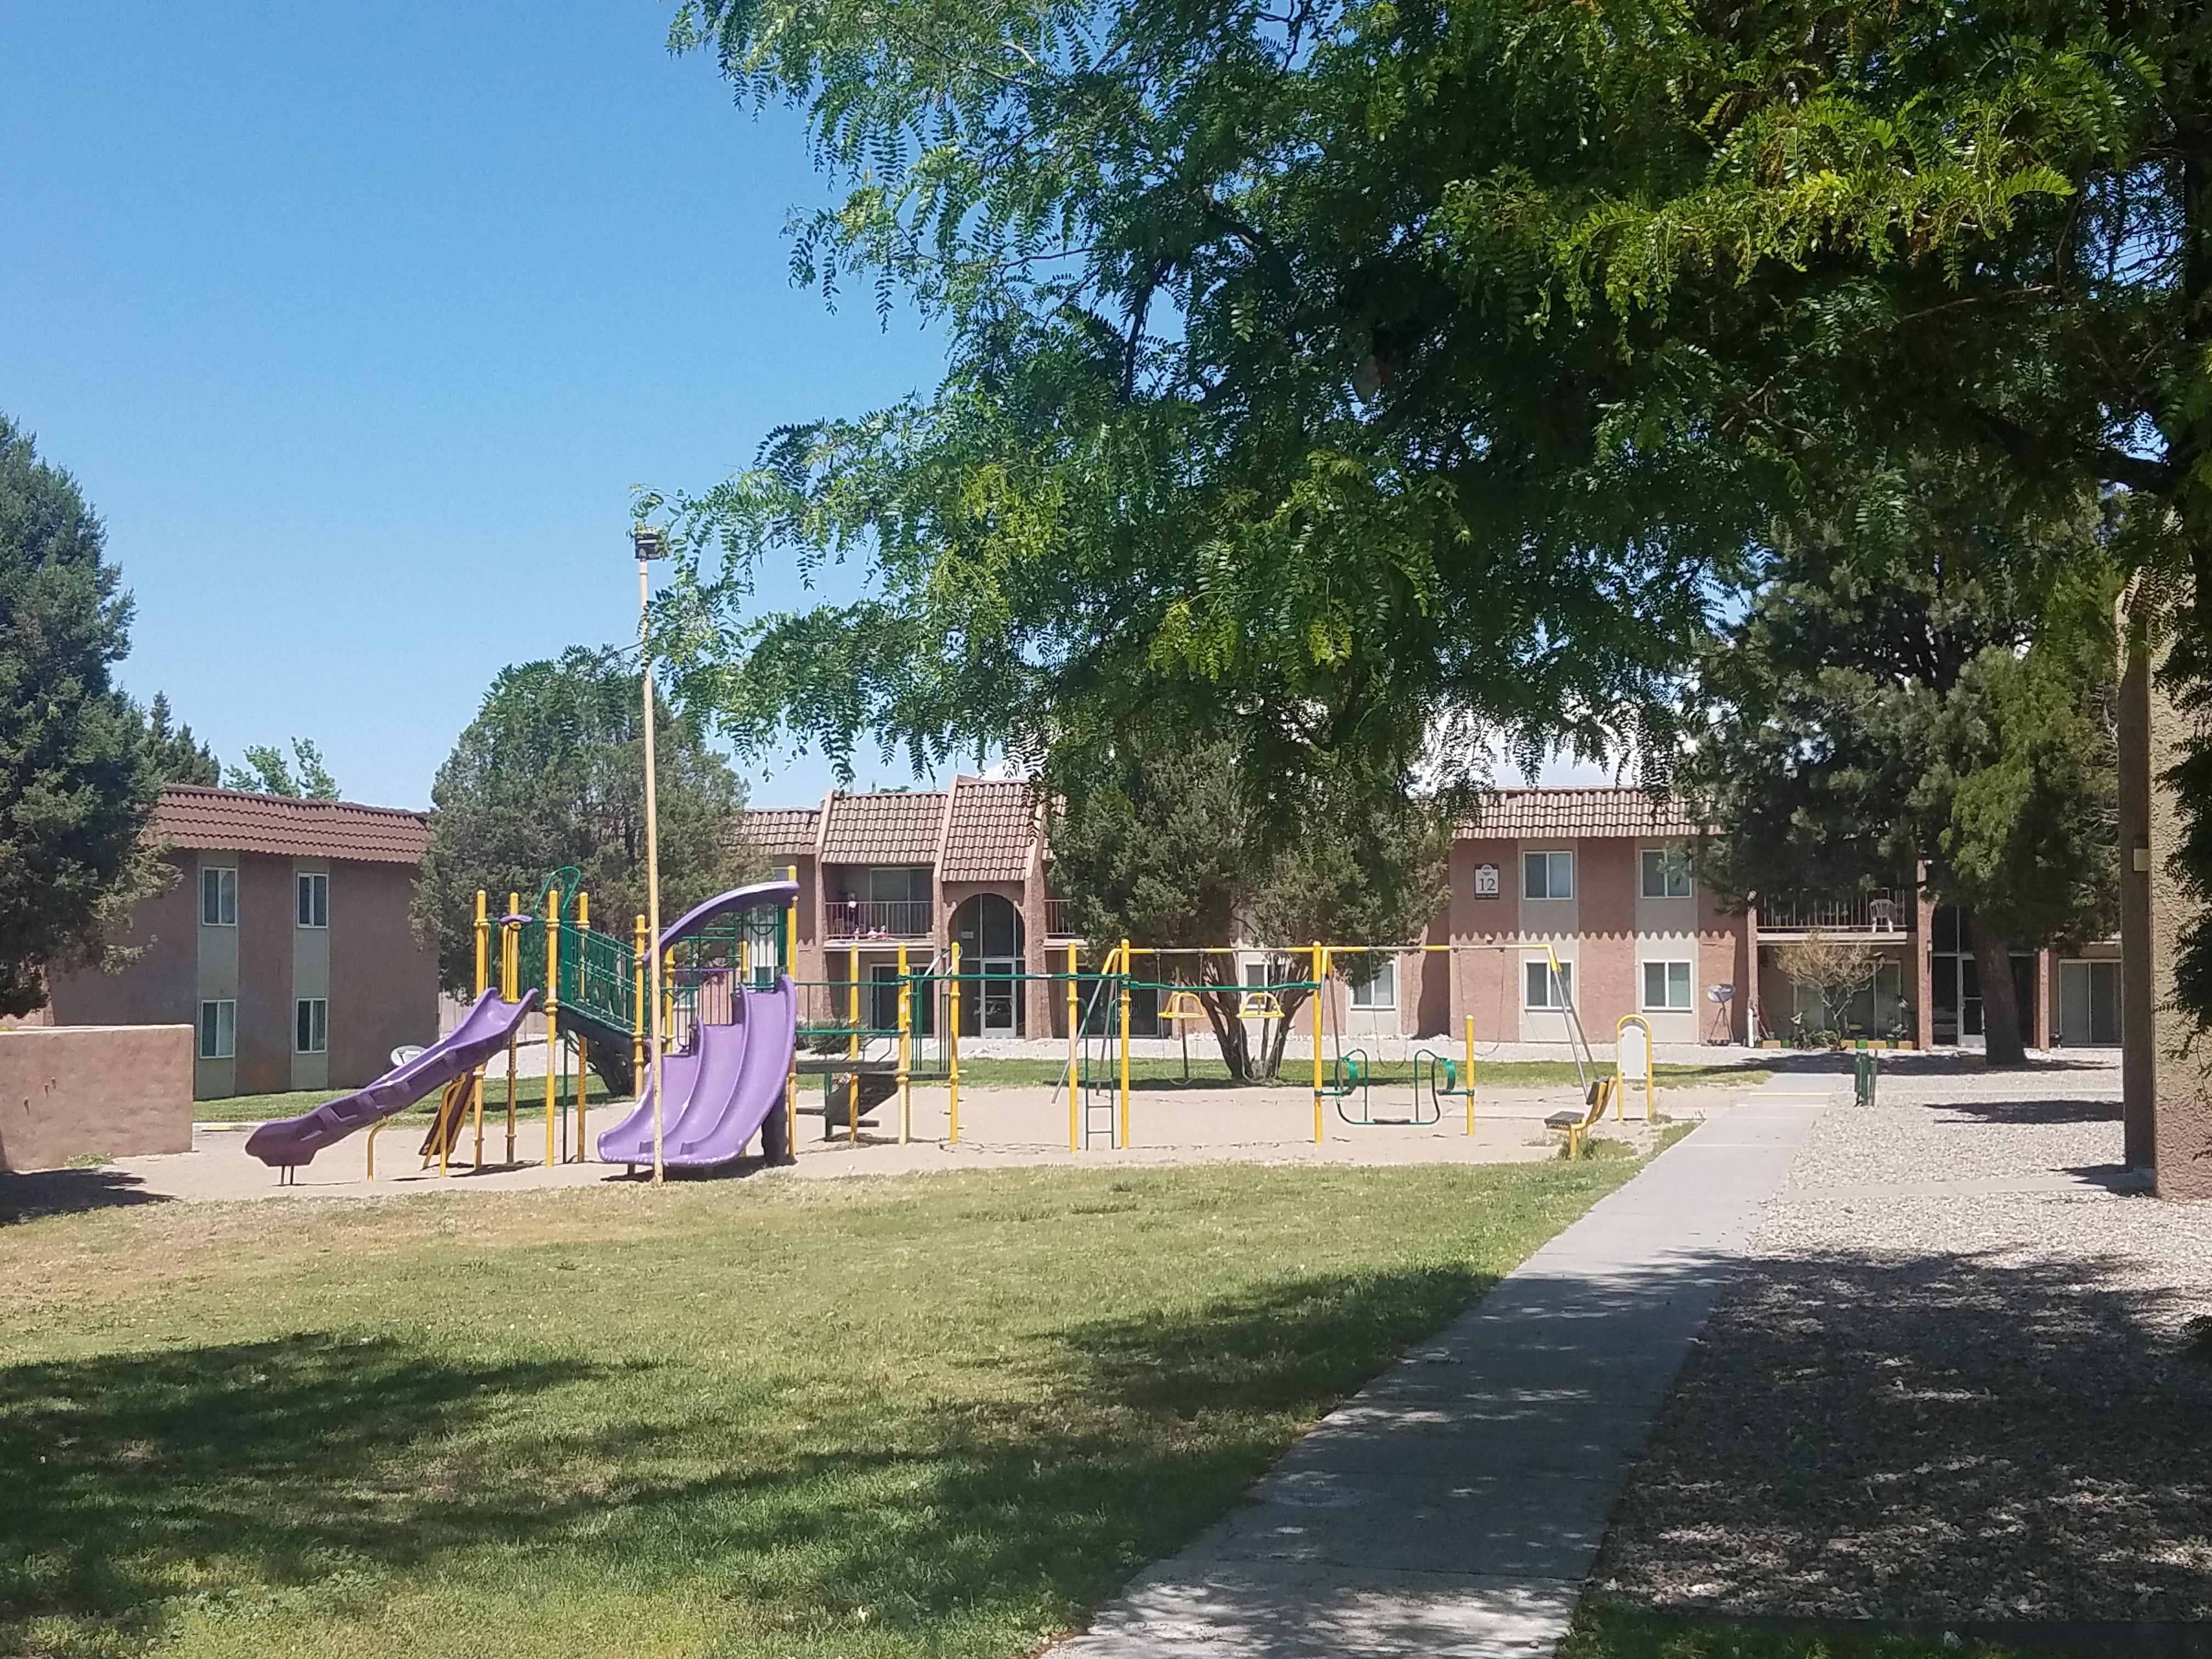 AZTC Playground